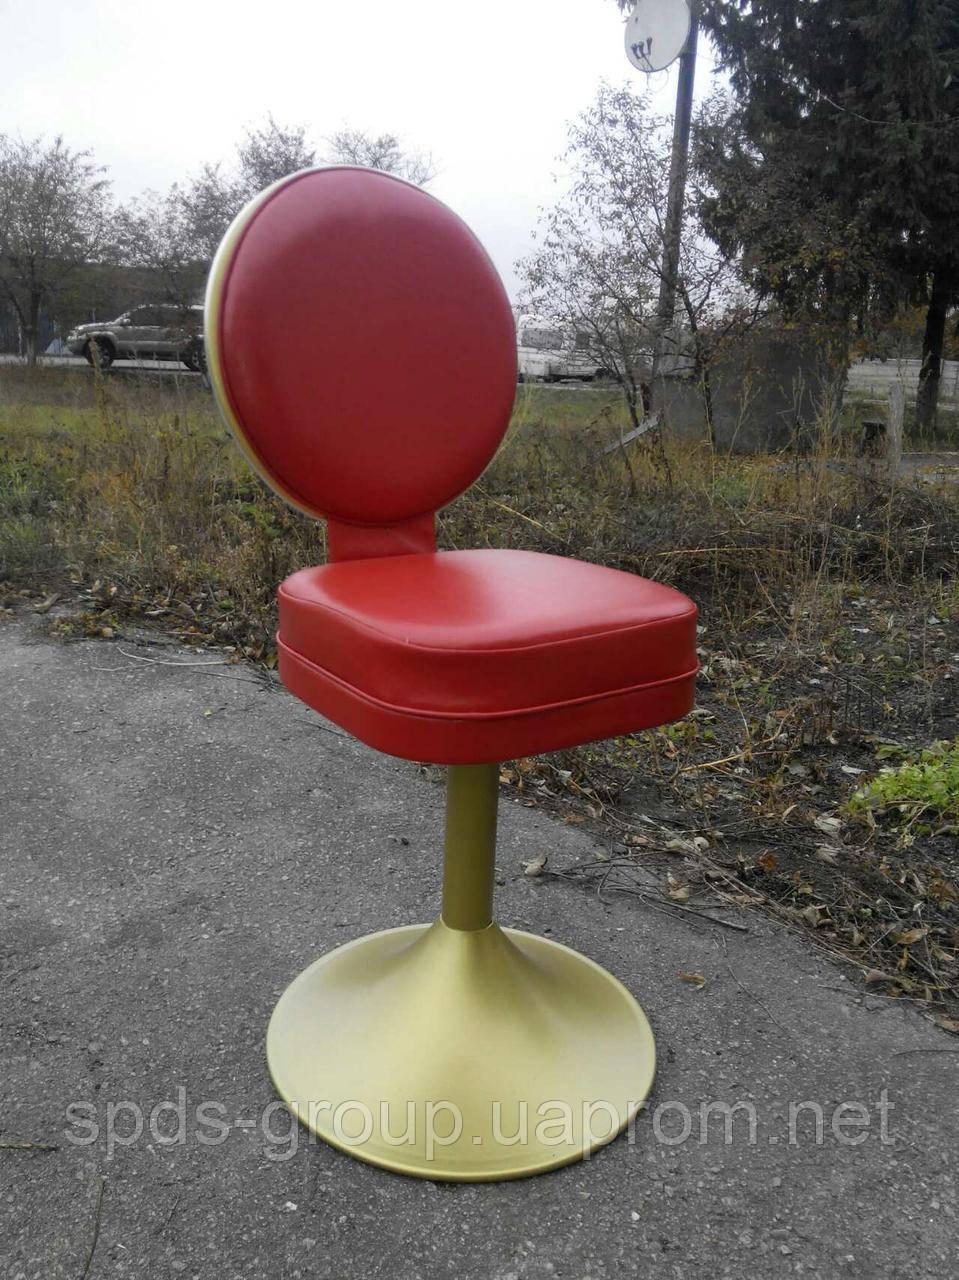 """Слентоп для игрового зала """"Поинт"""" - SPDS GROUP - производство стульев для игрового бизнеса в Белой Церкви"""